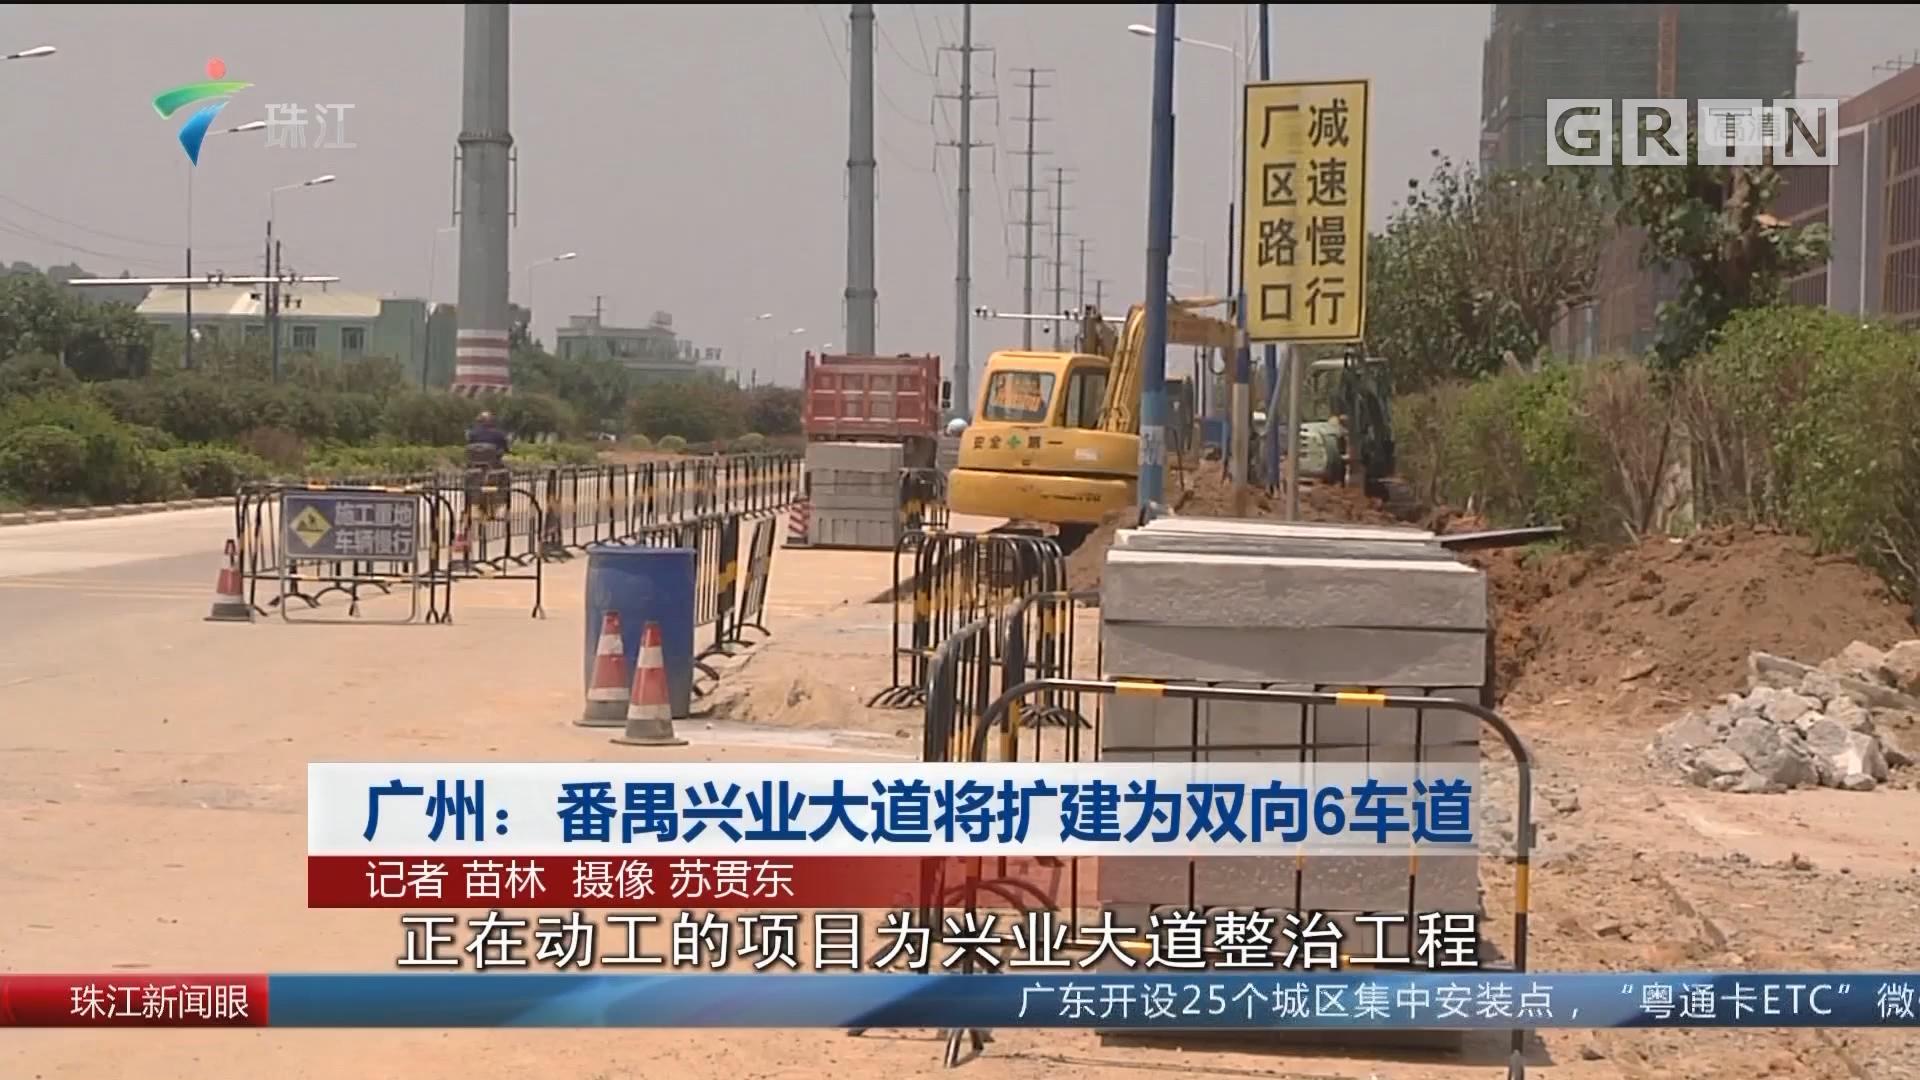 广州:番禺兴业大道将扩建为双向6车道